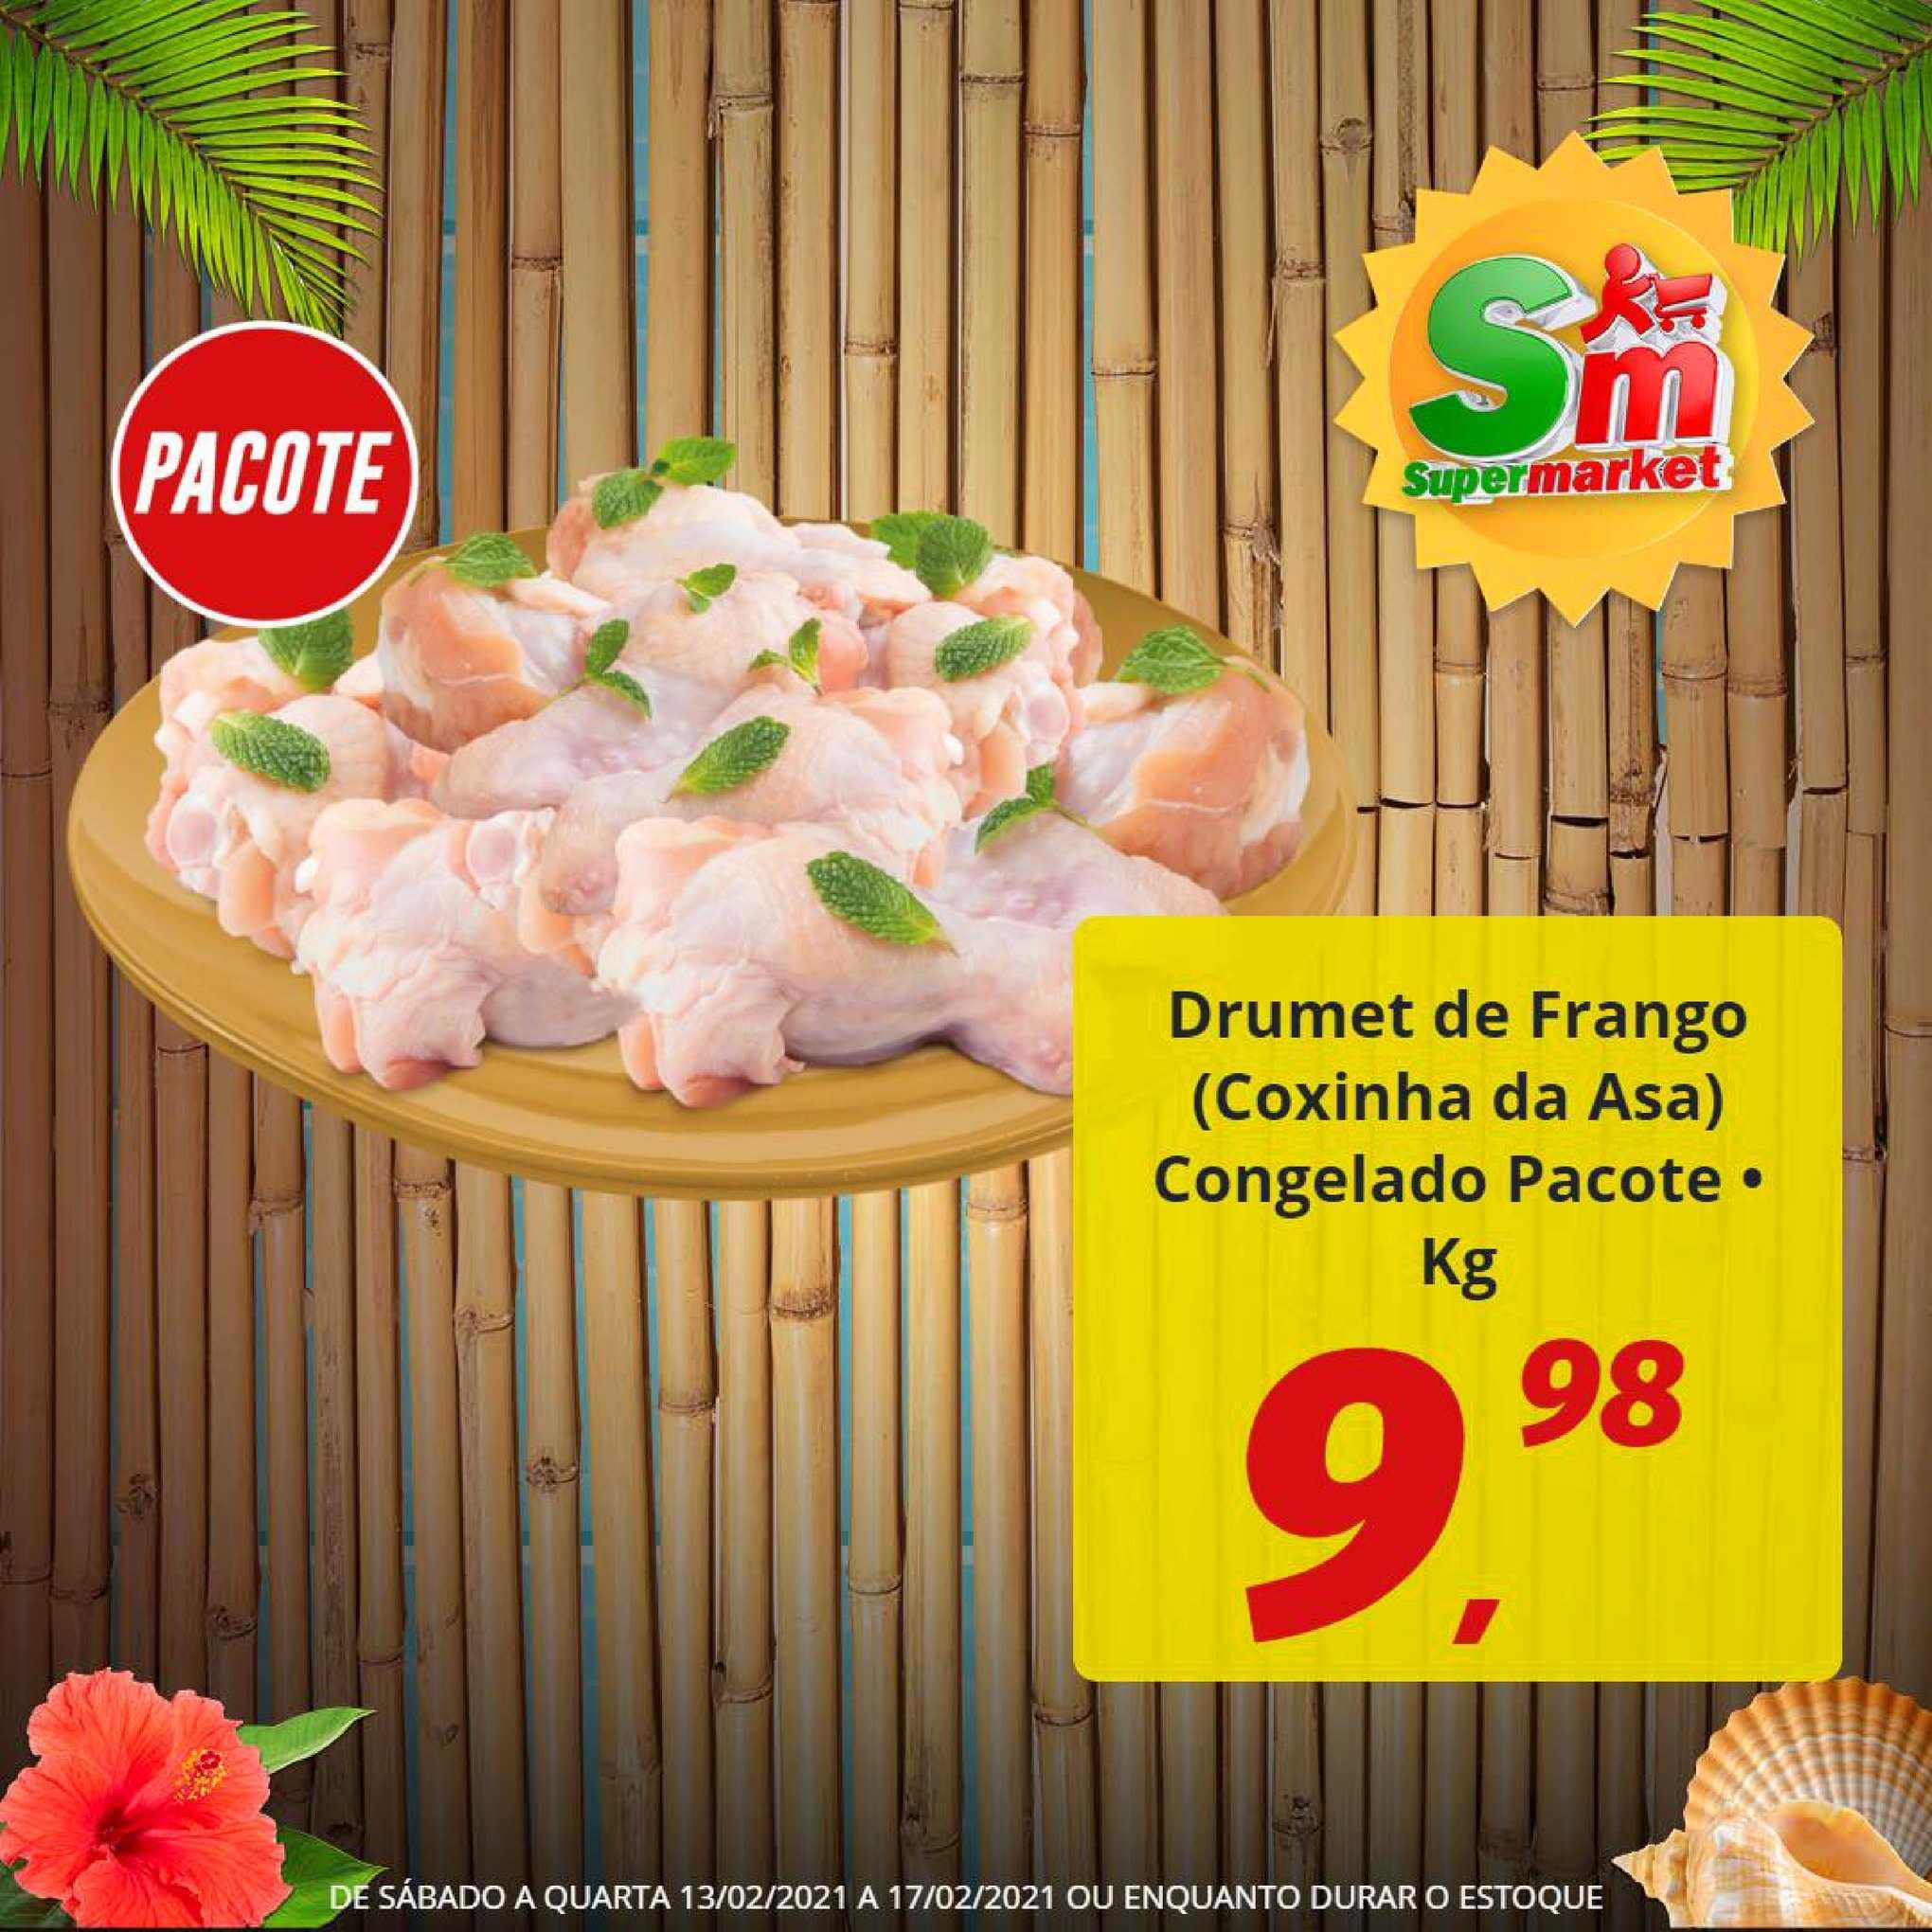 Rede Supermarket Drumet De Frango Coxinha Da Asa Congelado